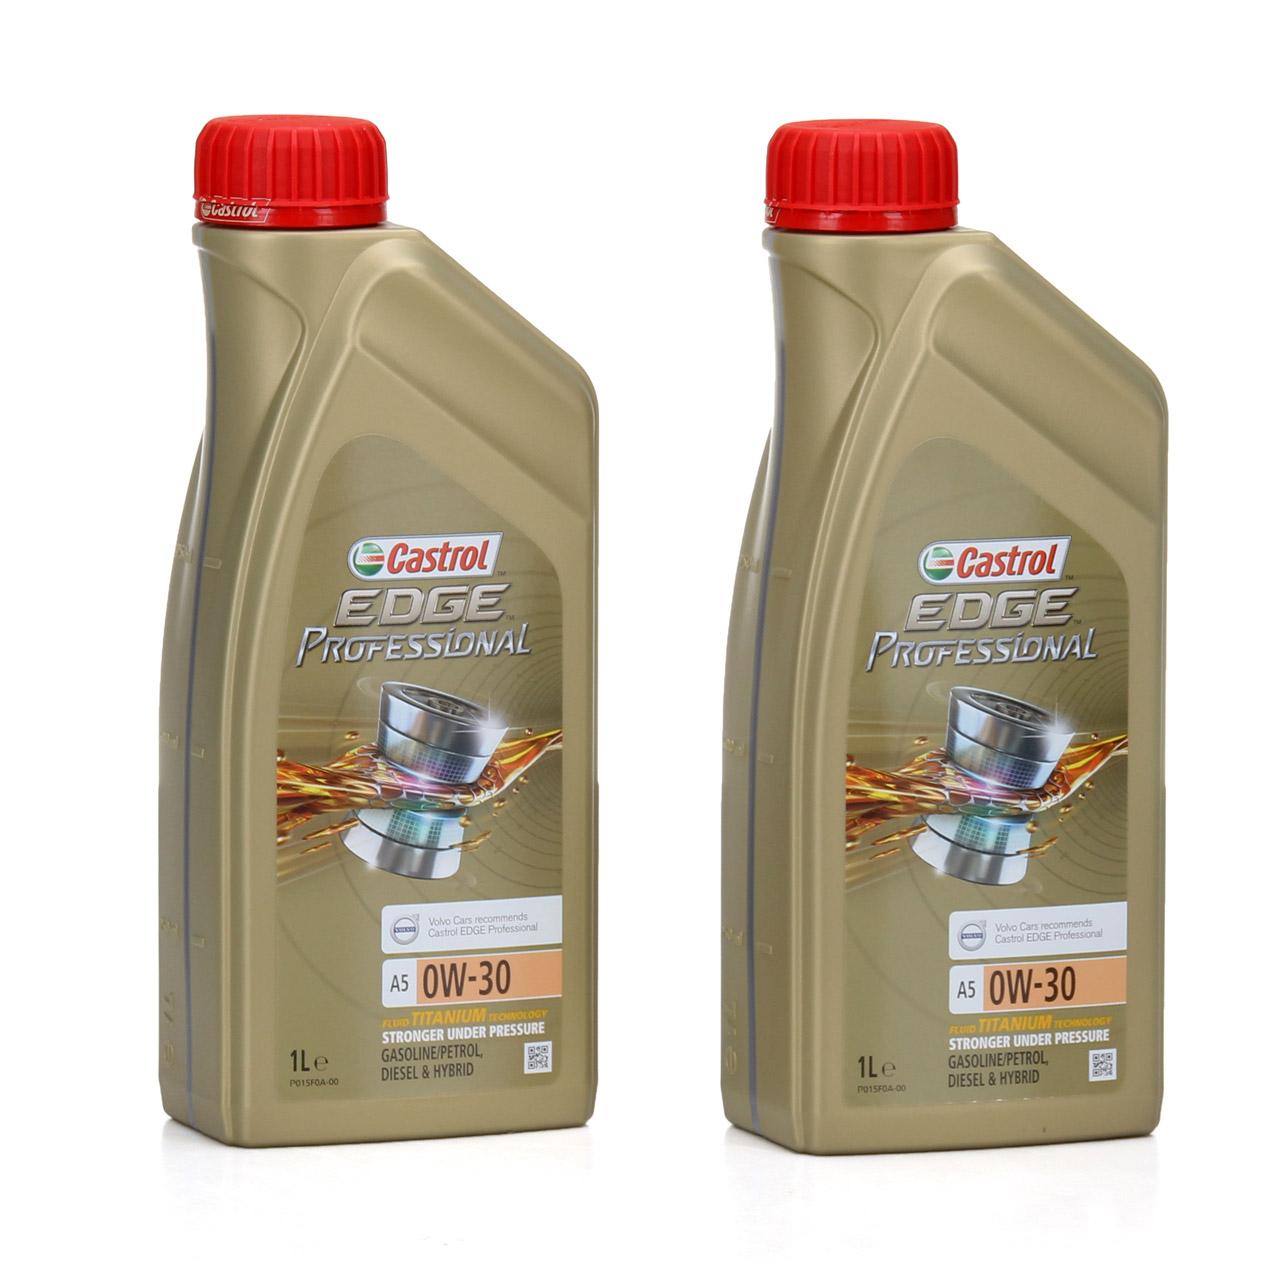 CASTROL EDGE Professional Motoröl Öl TITANIUM FST A5 0W-30 0W30 VOLVO 2 Liter